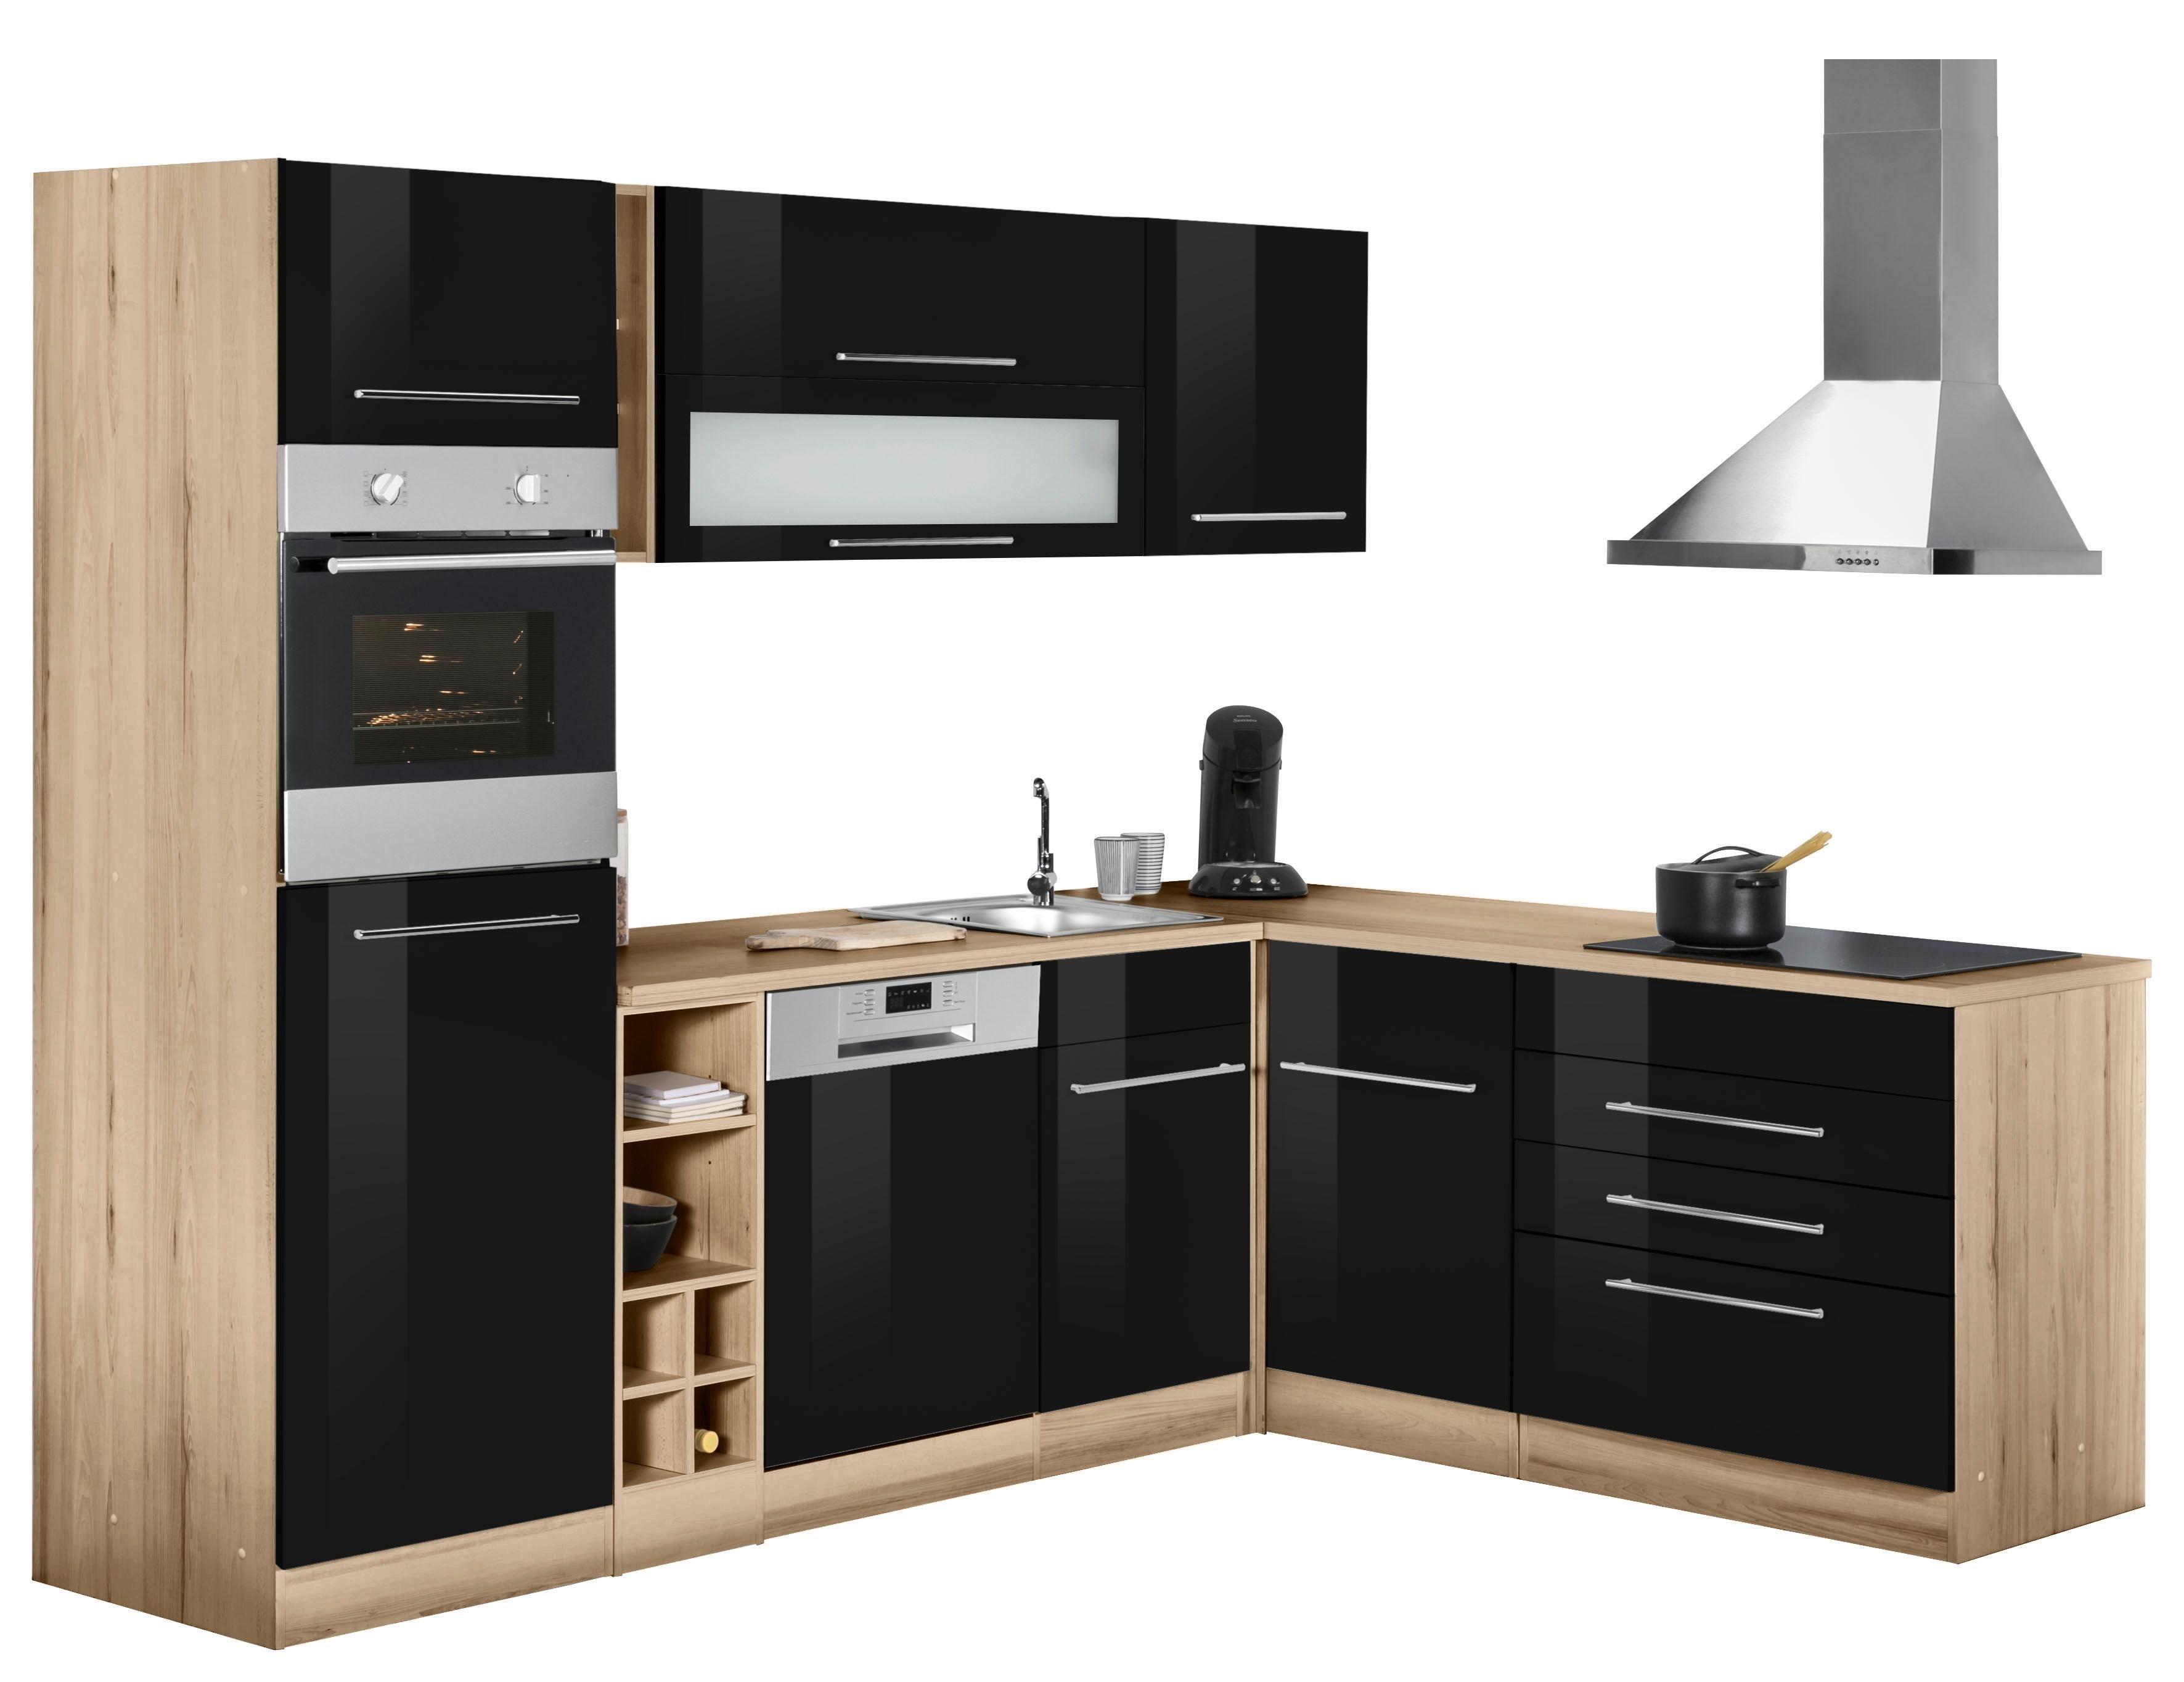 winkelk chen online kaufen m bel suchmaschine. Black Bedroom Furniture Sets. Home Design Ideas